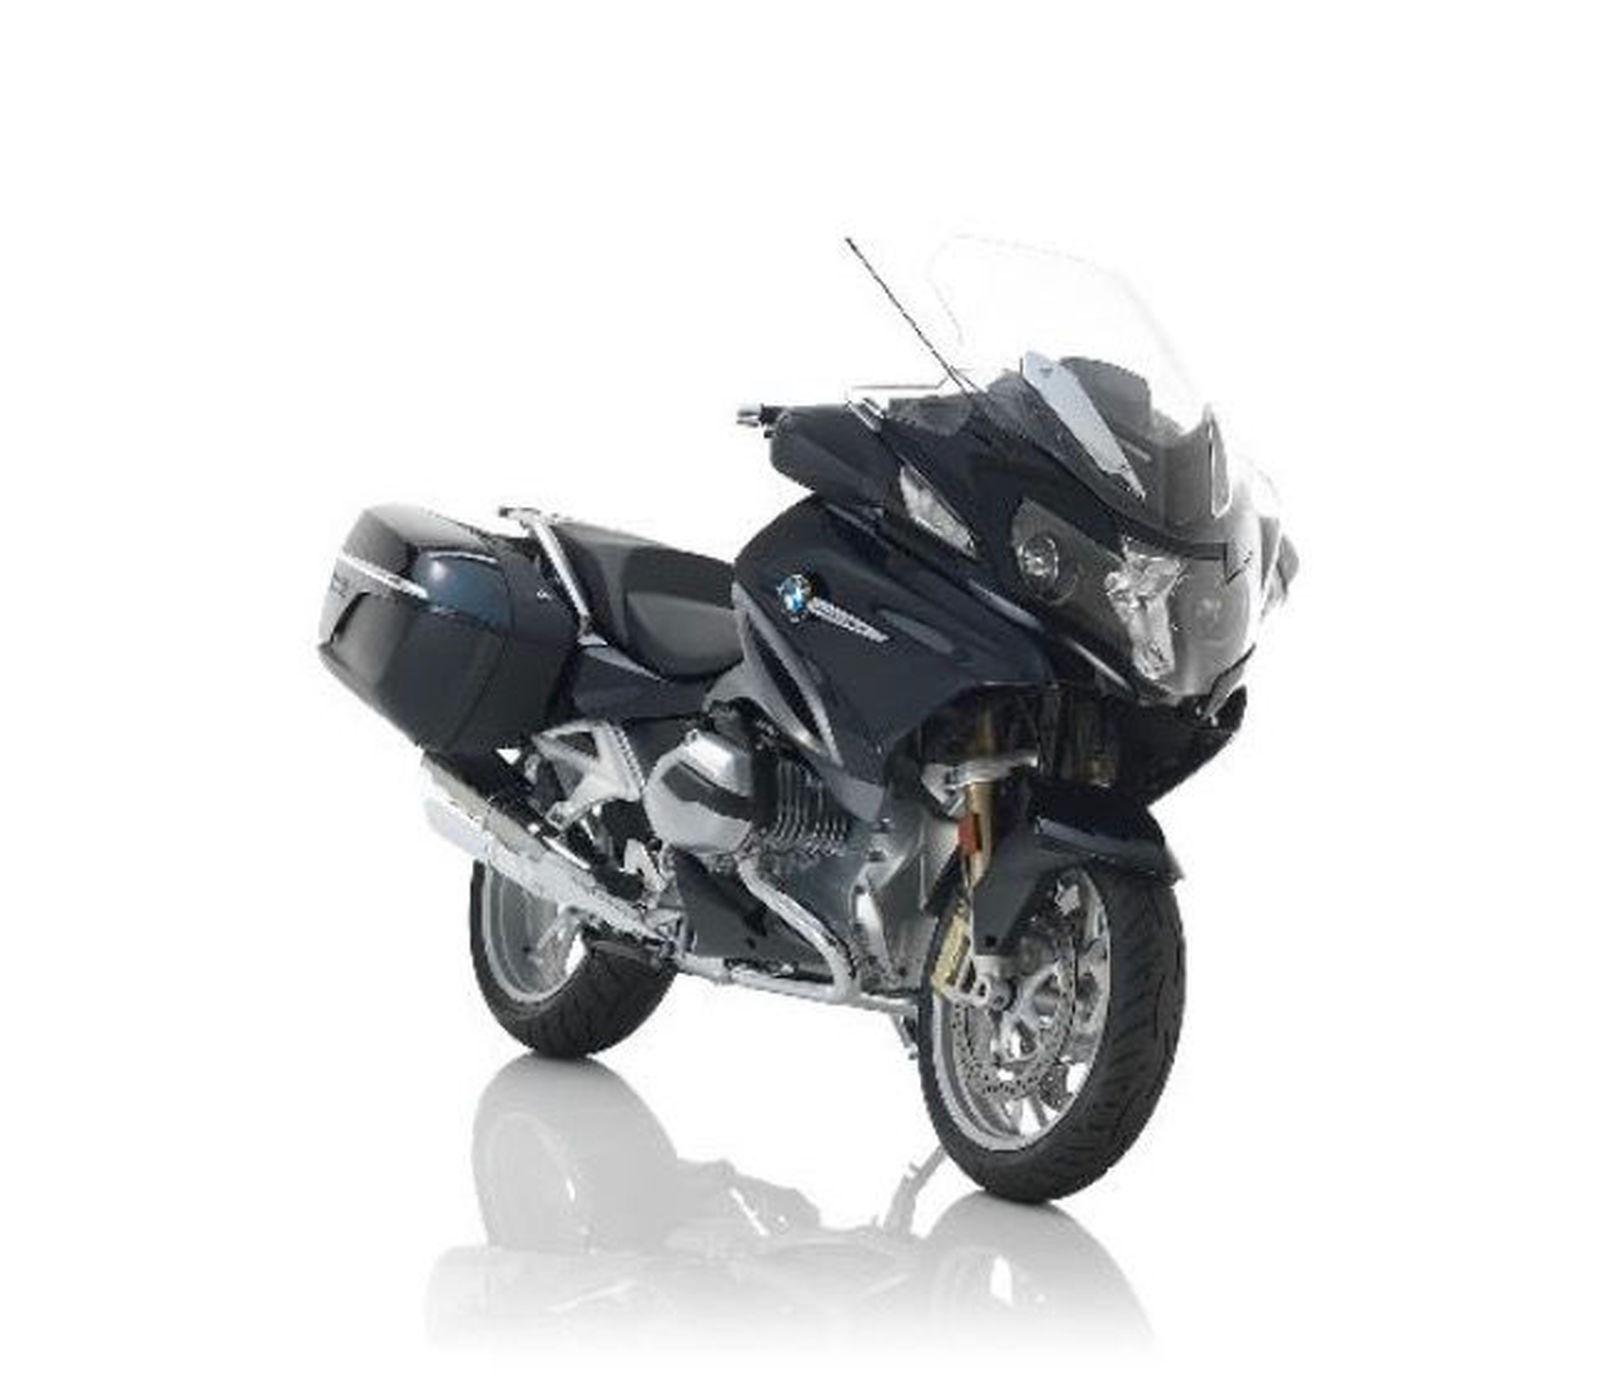 コッキーさんの愛車bmw R1200rt 2018年式 Myバイク ウェビックコミュニティ